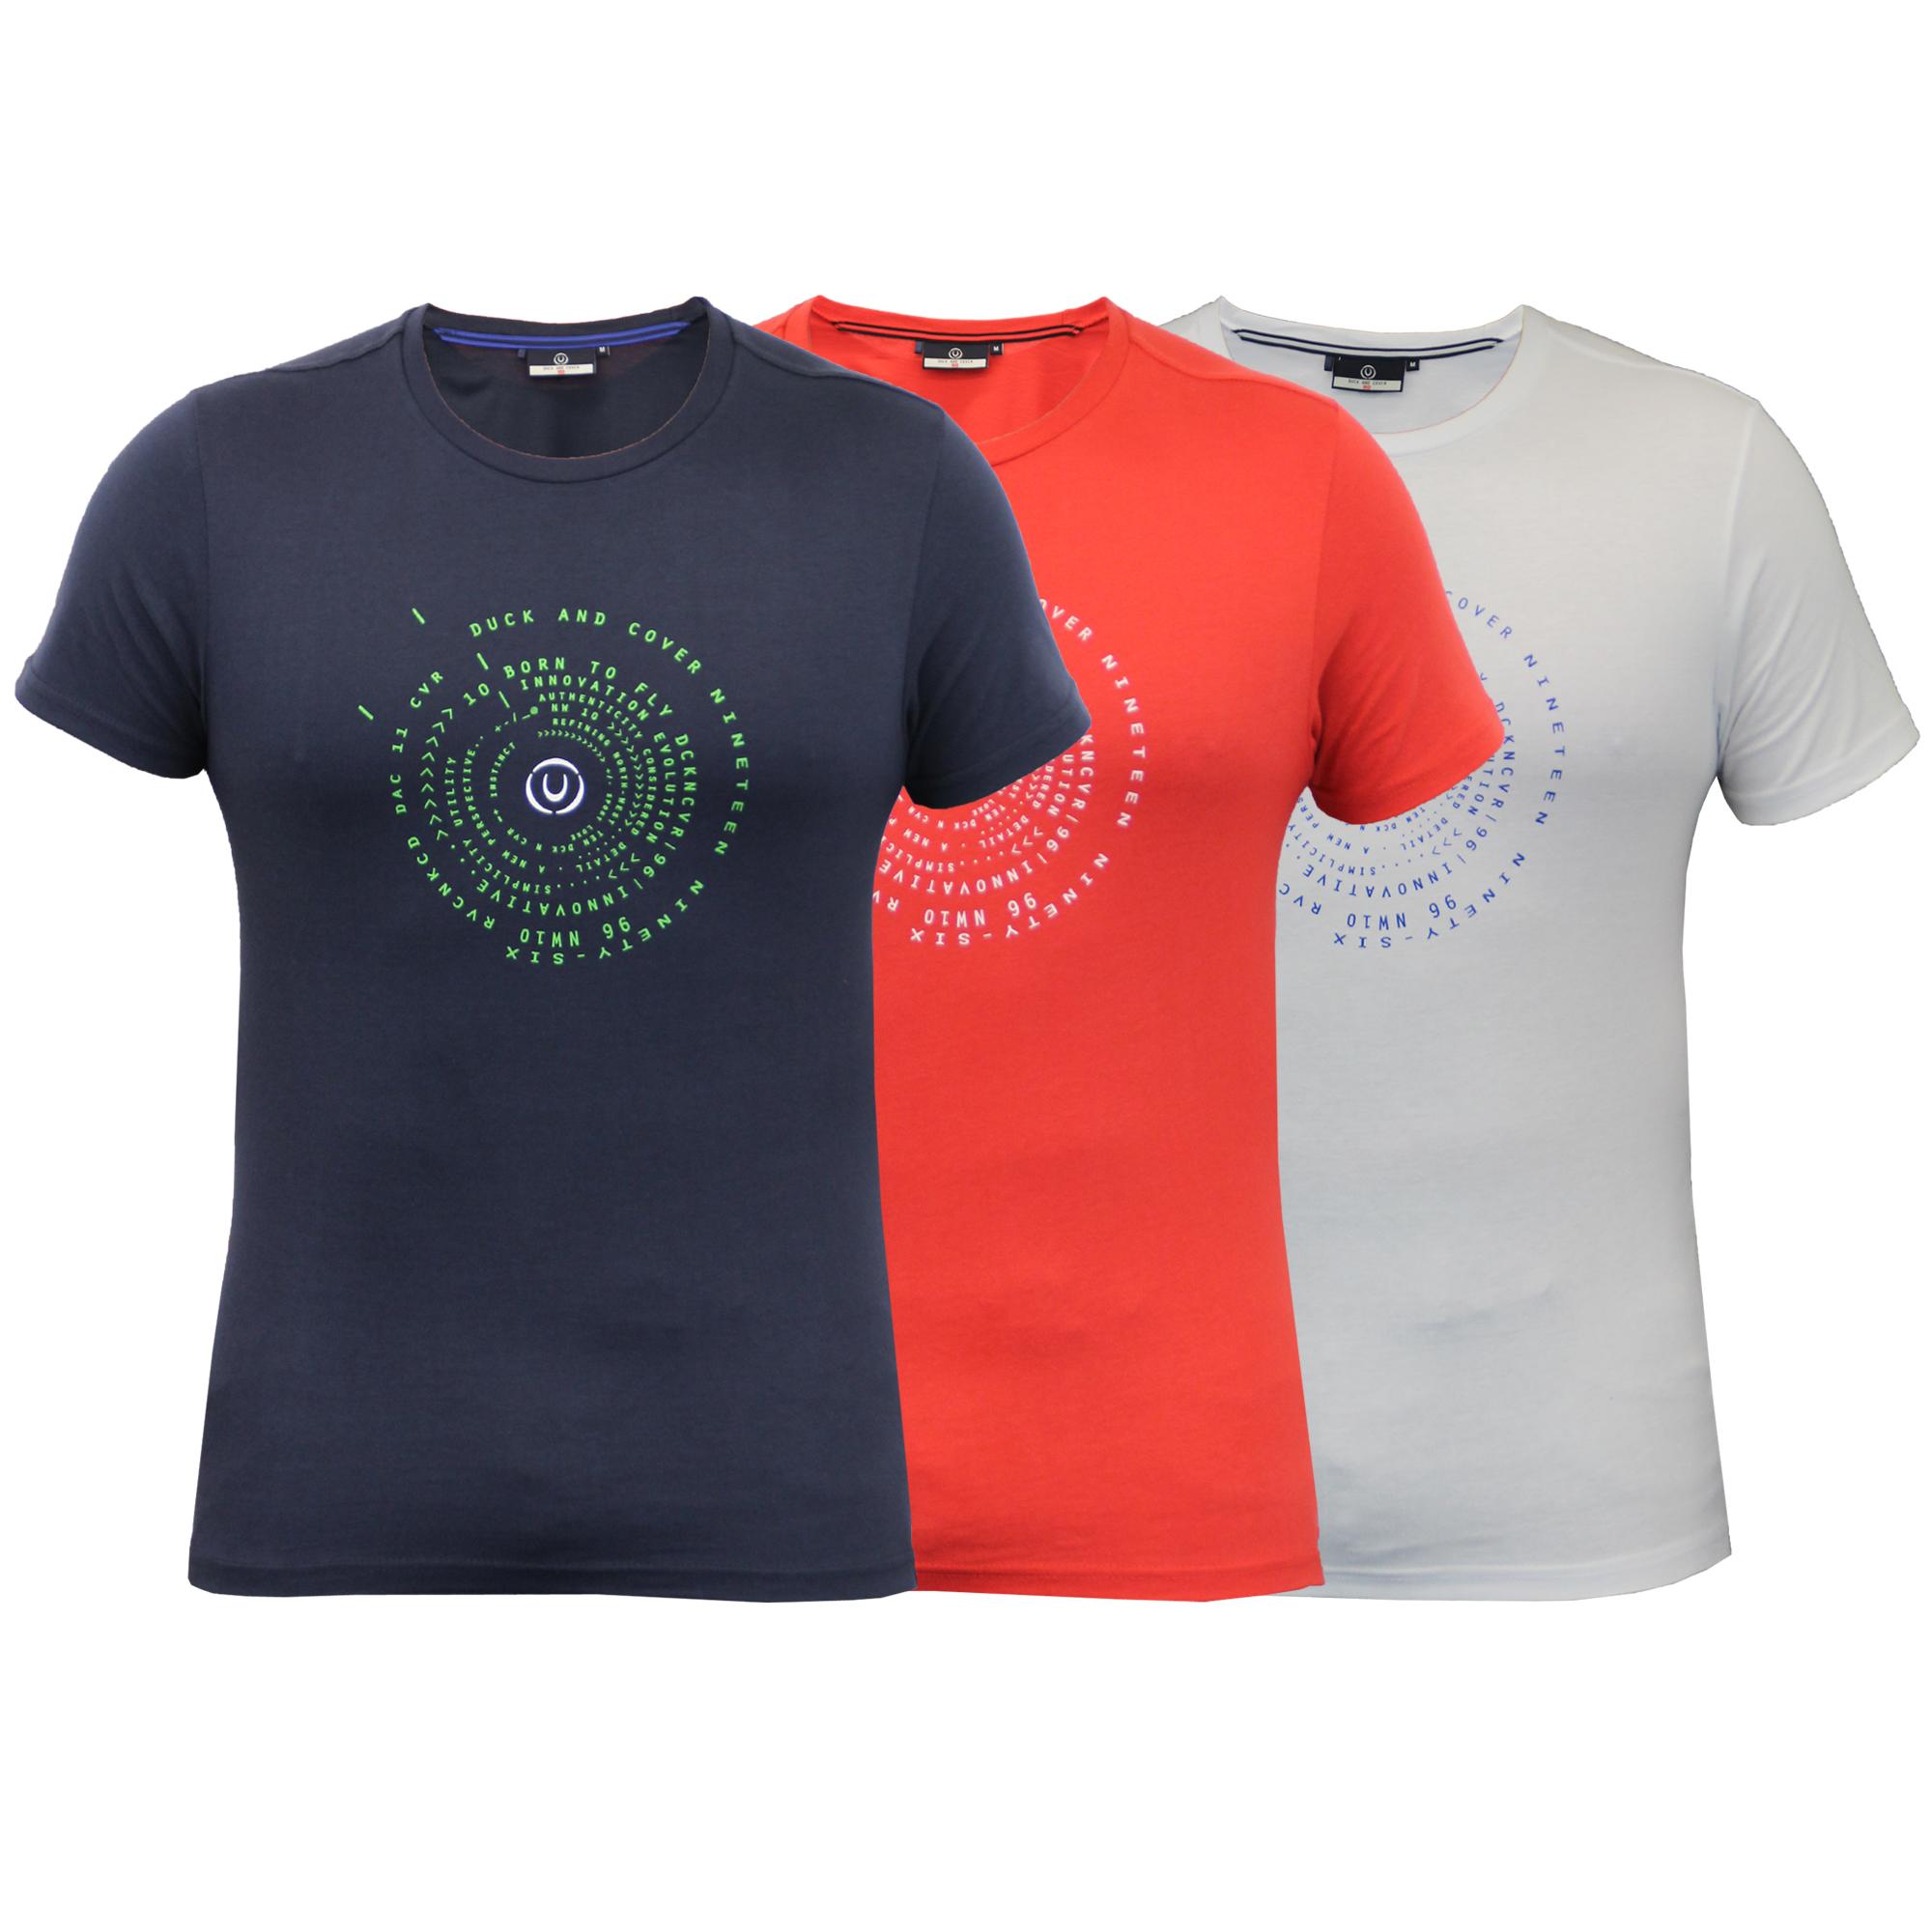 Camiseta-Hombre-DUCK-AND-COVER-manga-corta-de-Algodon-Cuello-Redondo-Casual